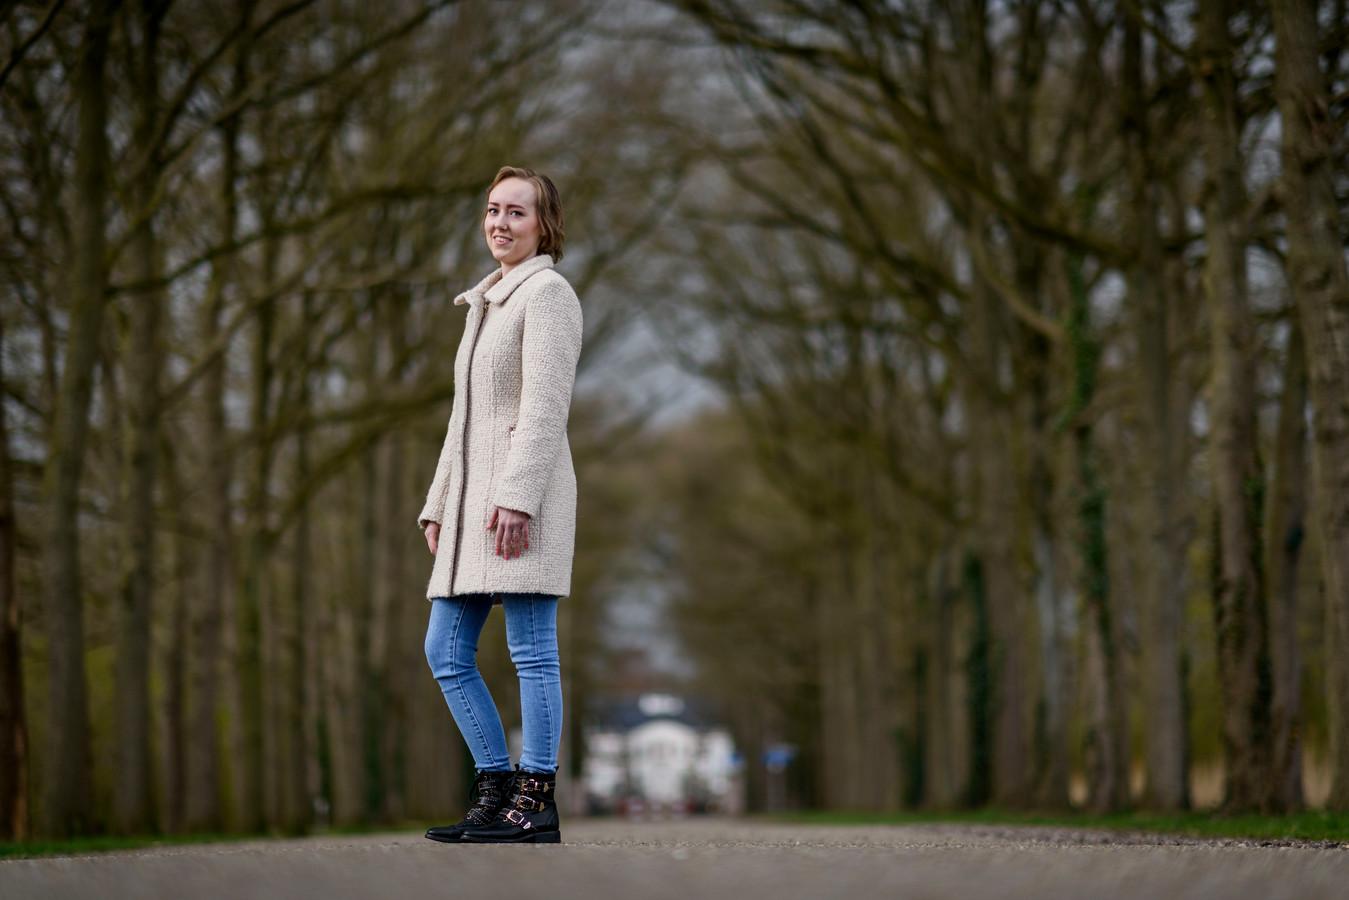 De 24-jarige Almelose Eva Visser uit Almelo is herstellende van borstkanker en schreef daar een boek over. Dat wordt op 11 mei  gepresenteerd.